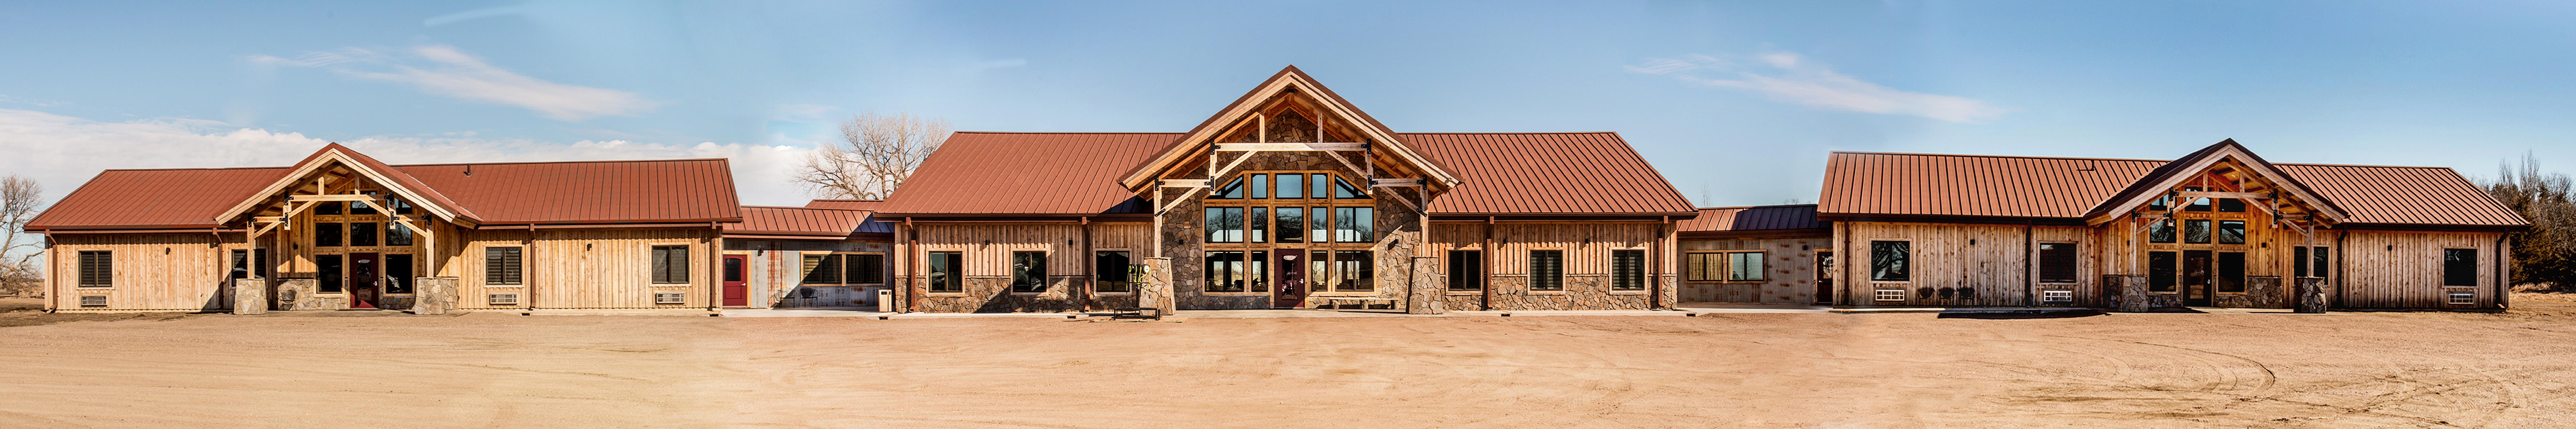 pheasant hunting lodge